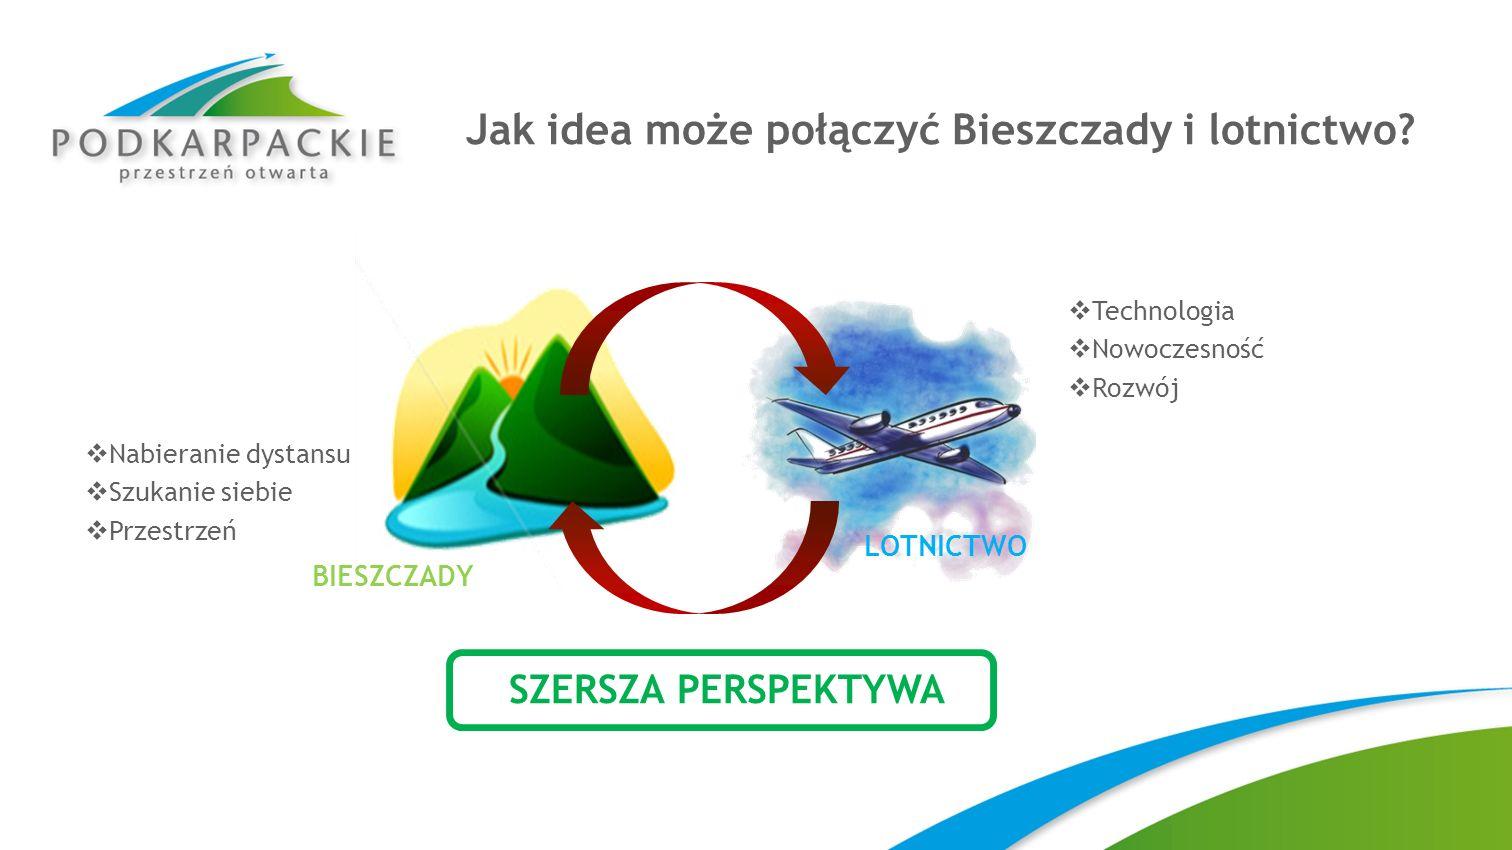 Jak idea może połączyć Bieszczady i lotnictwo